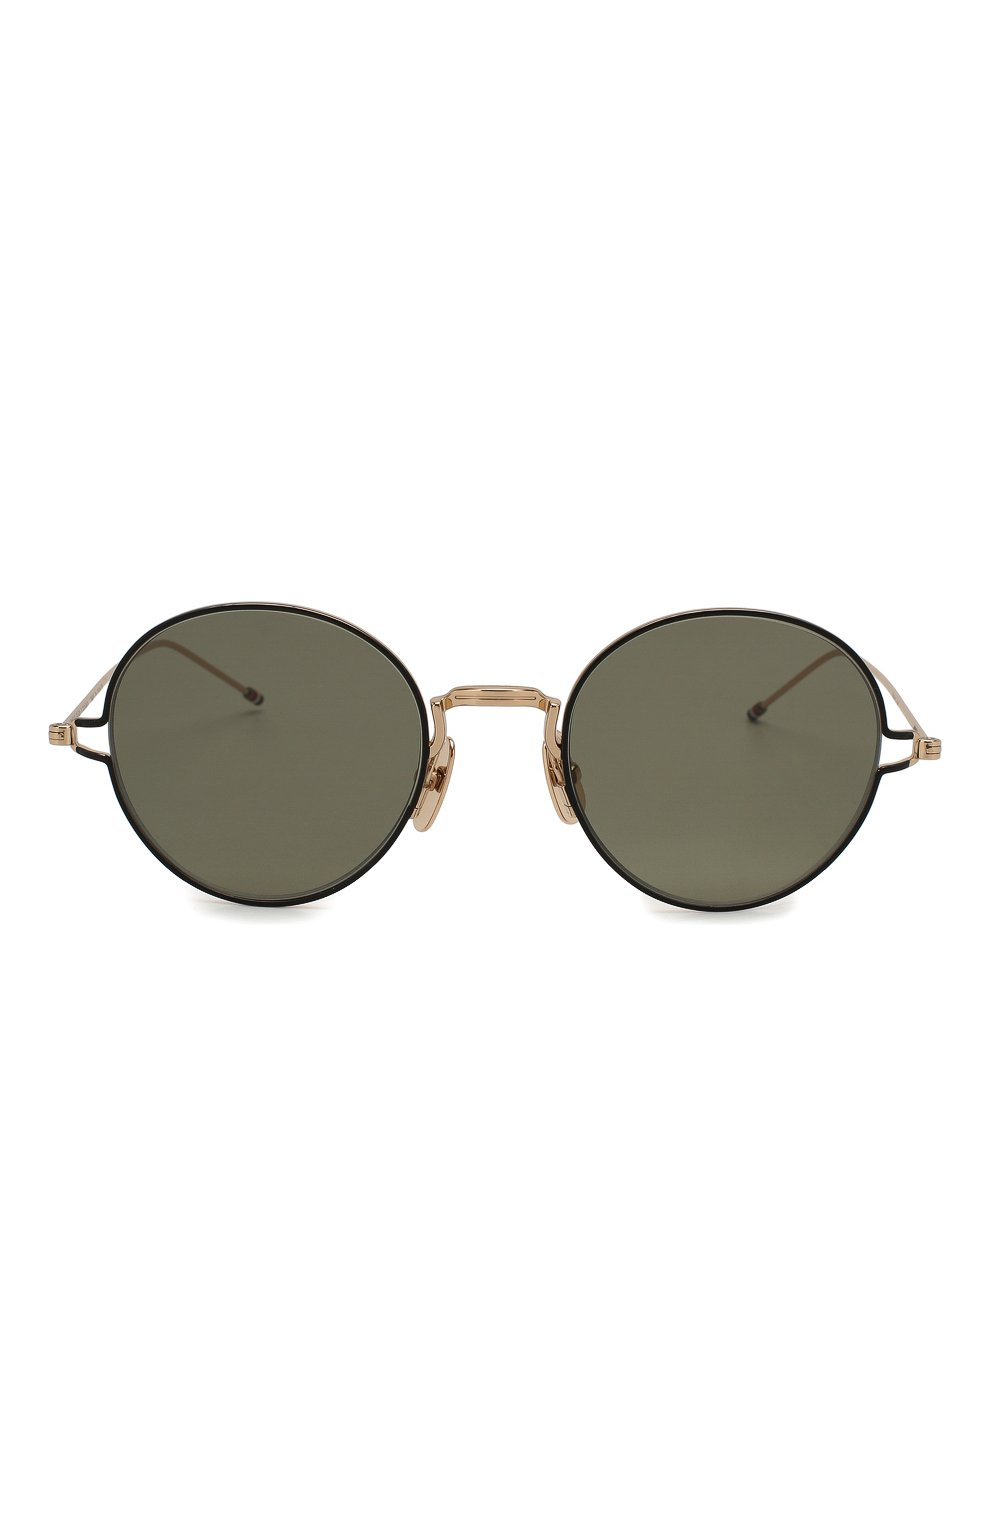 Женские солнцезащитные очки THOM BROWNE золотого цвета, арт. TB-915-02   Фото 4